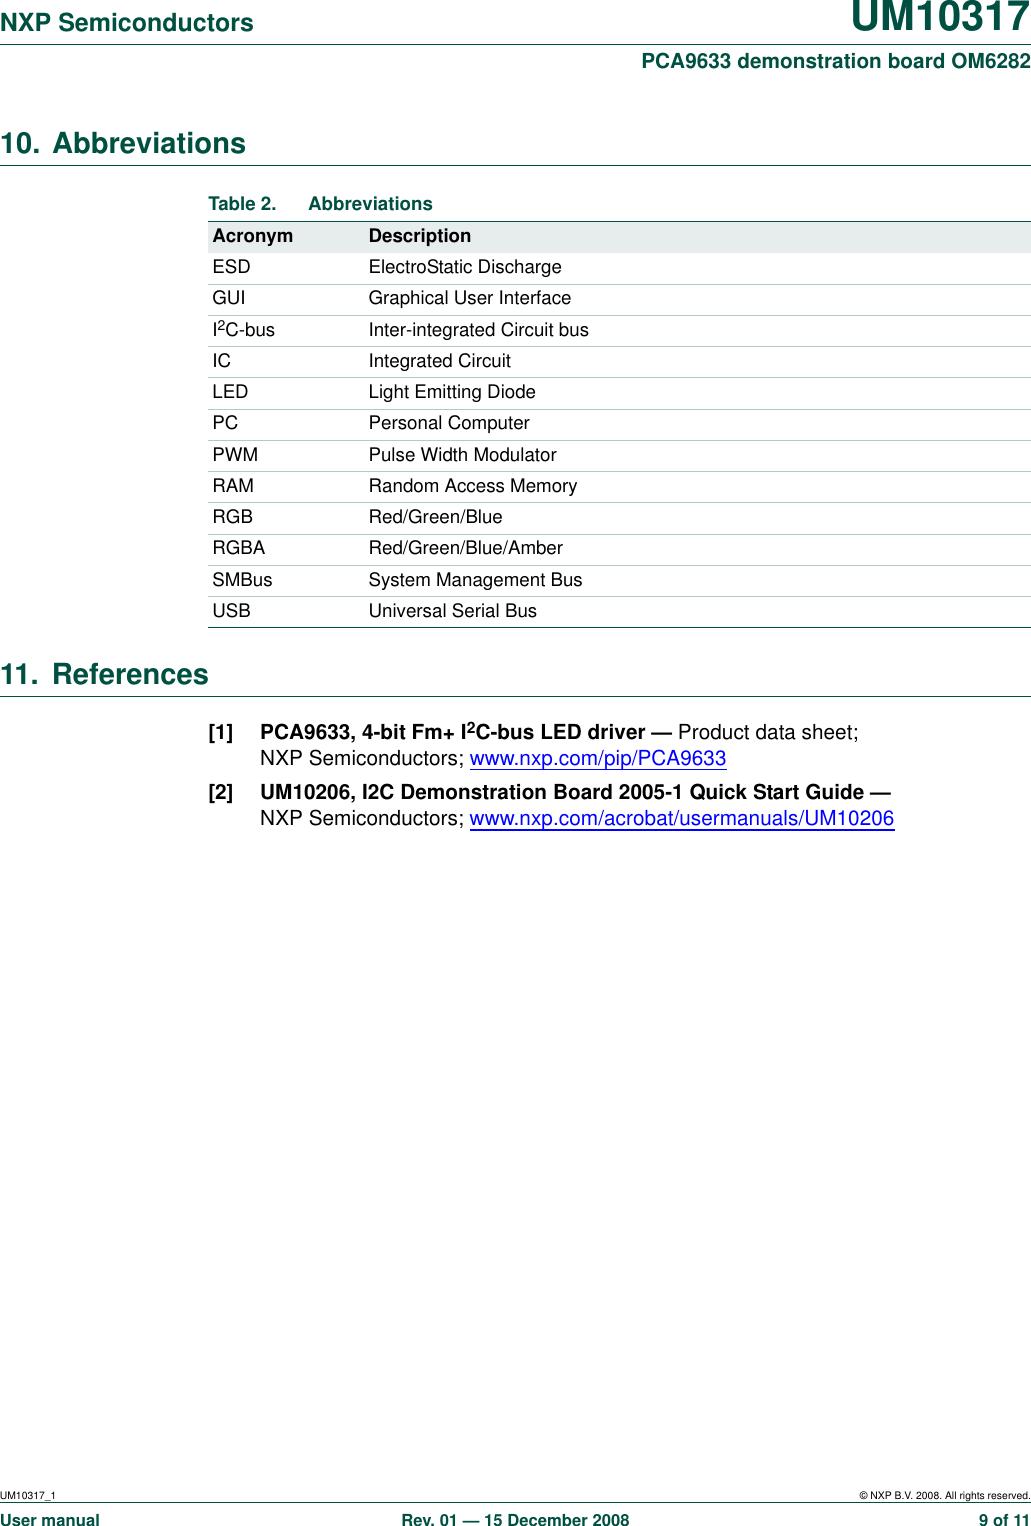 Nxp Semiconductors Um10317 Users Manual PCA9633